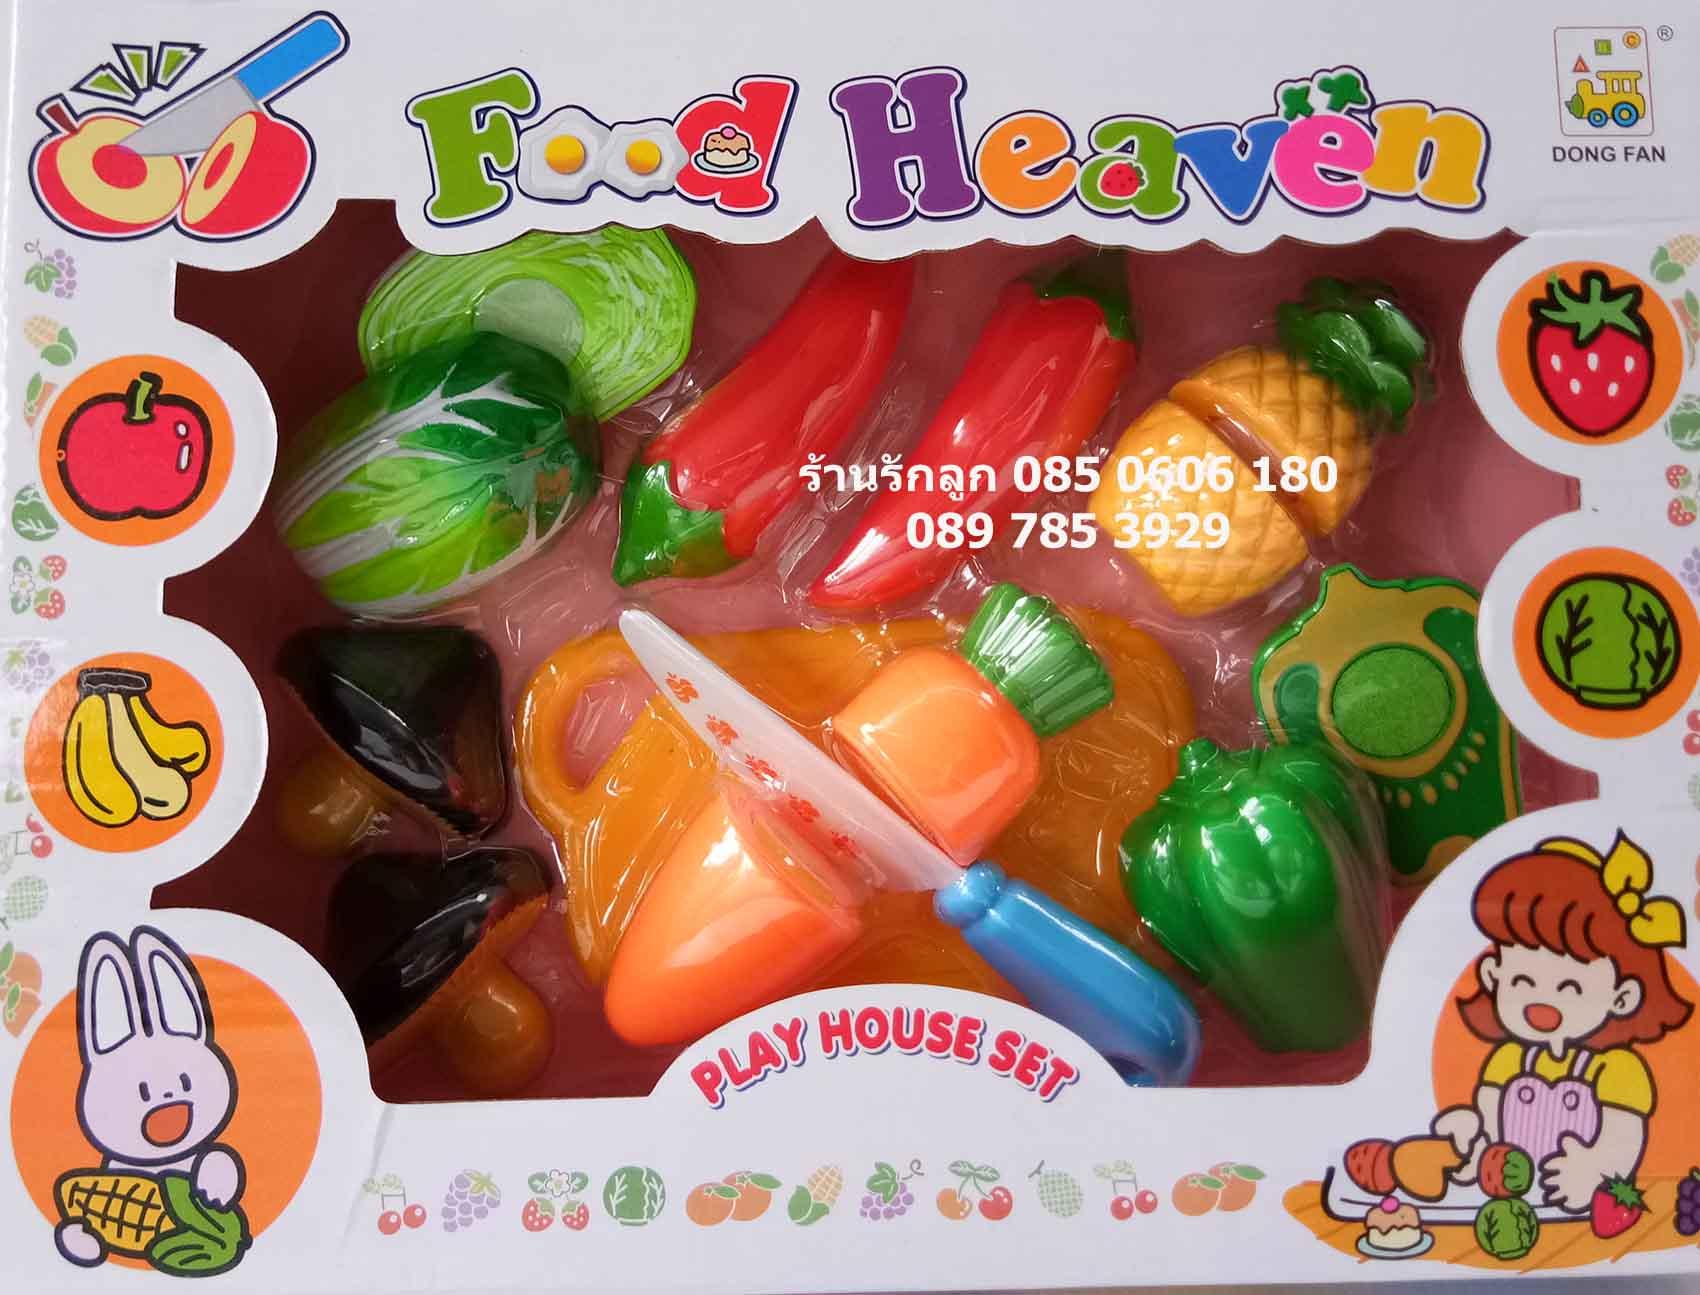 ชุดหั่นผักต่างๆของเล่นเด็ก